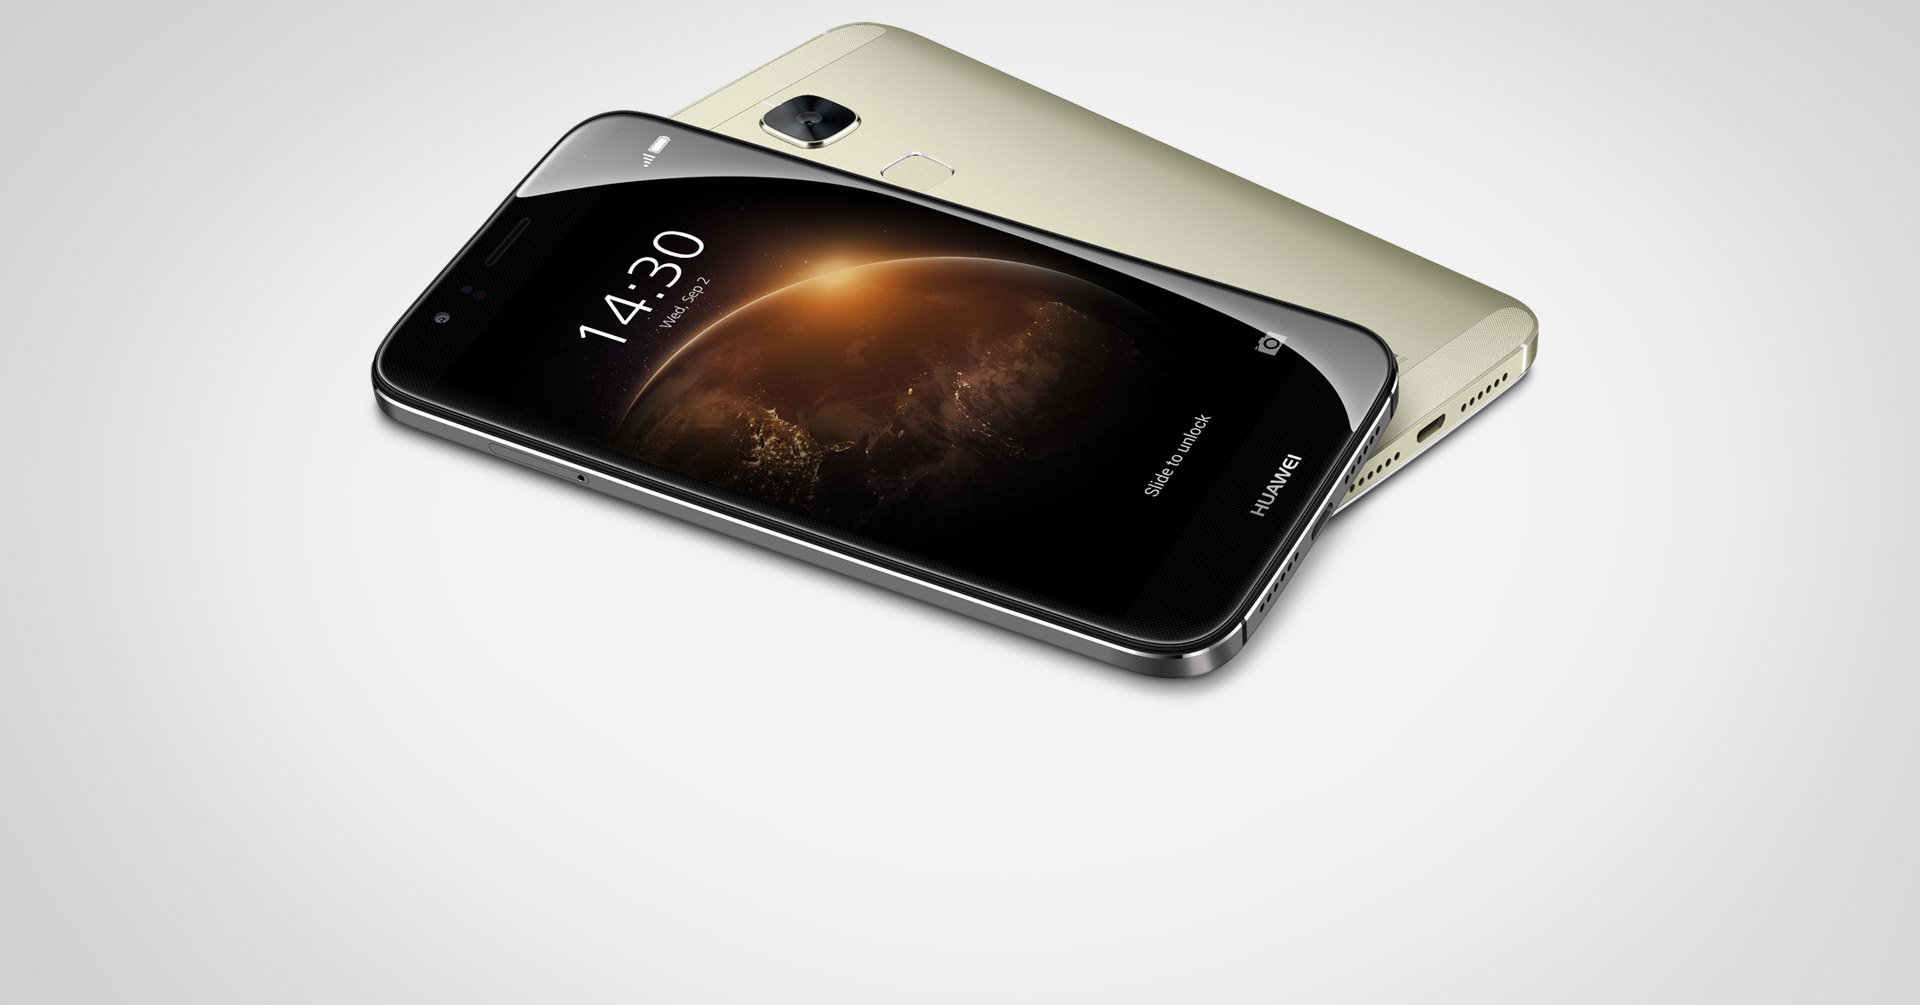 """5,5"""" displej s Full HD rozlišením vás nadchne, multimédia na vašemu Huawei G8 budou vypadat skvěle."""